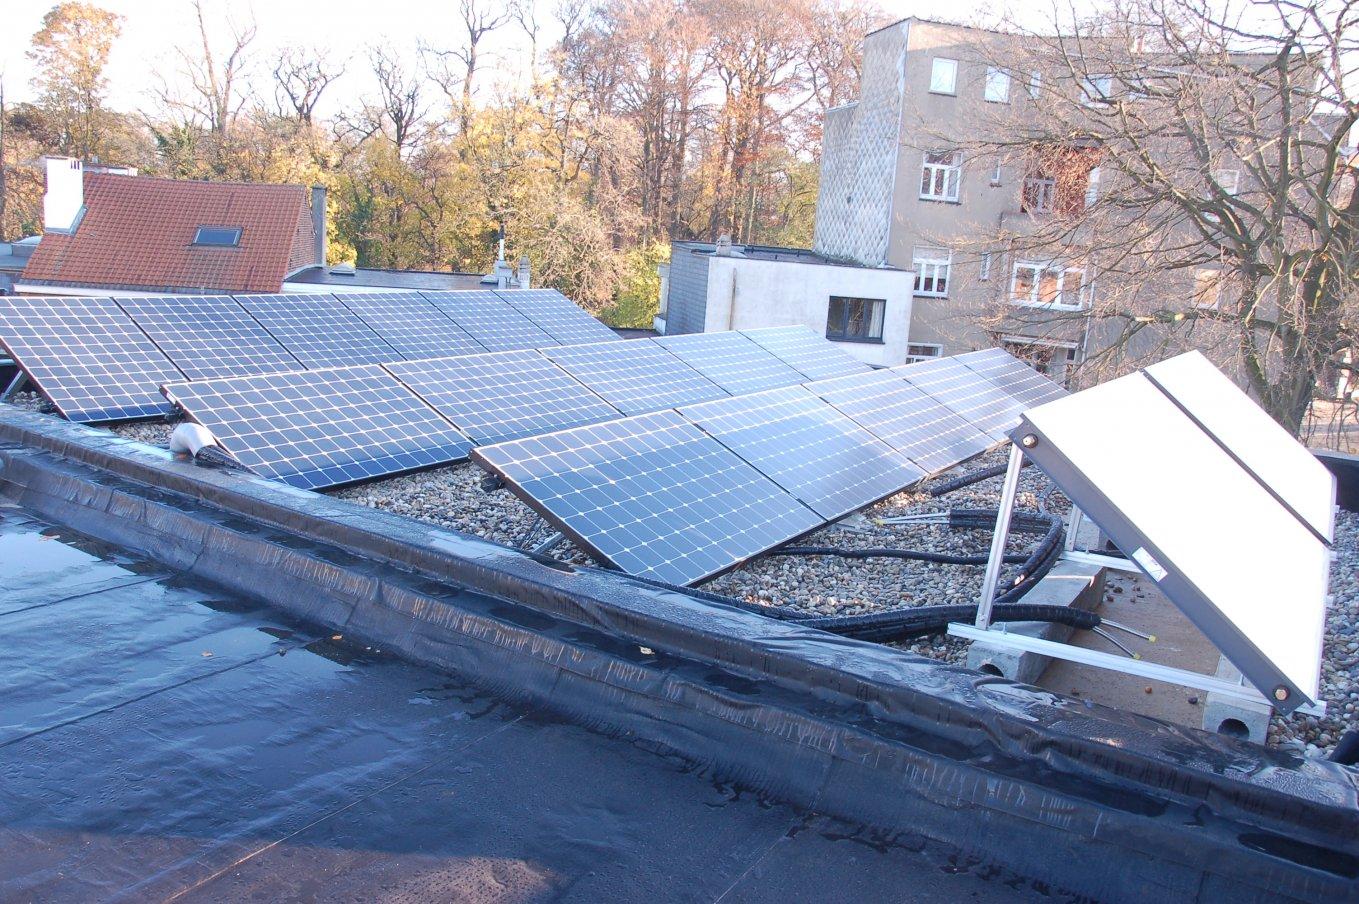 Klipveld_panneaux photovoltaïque